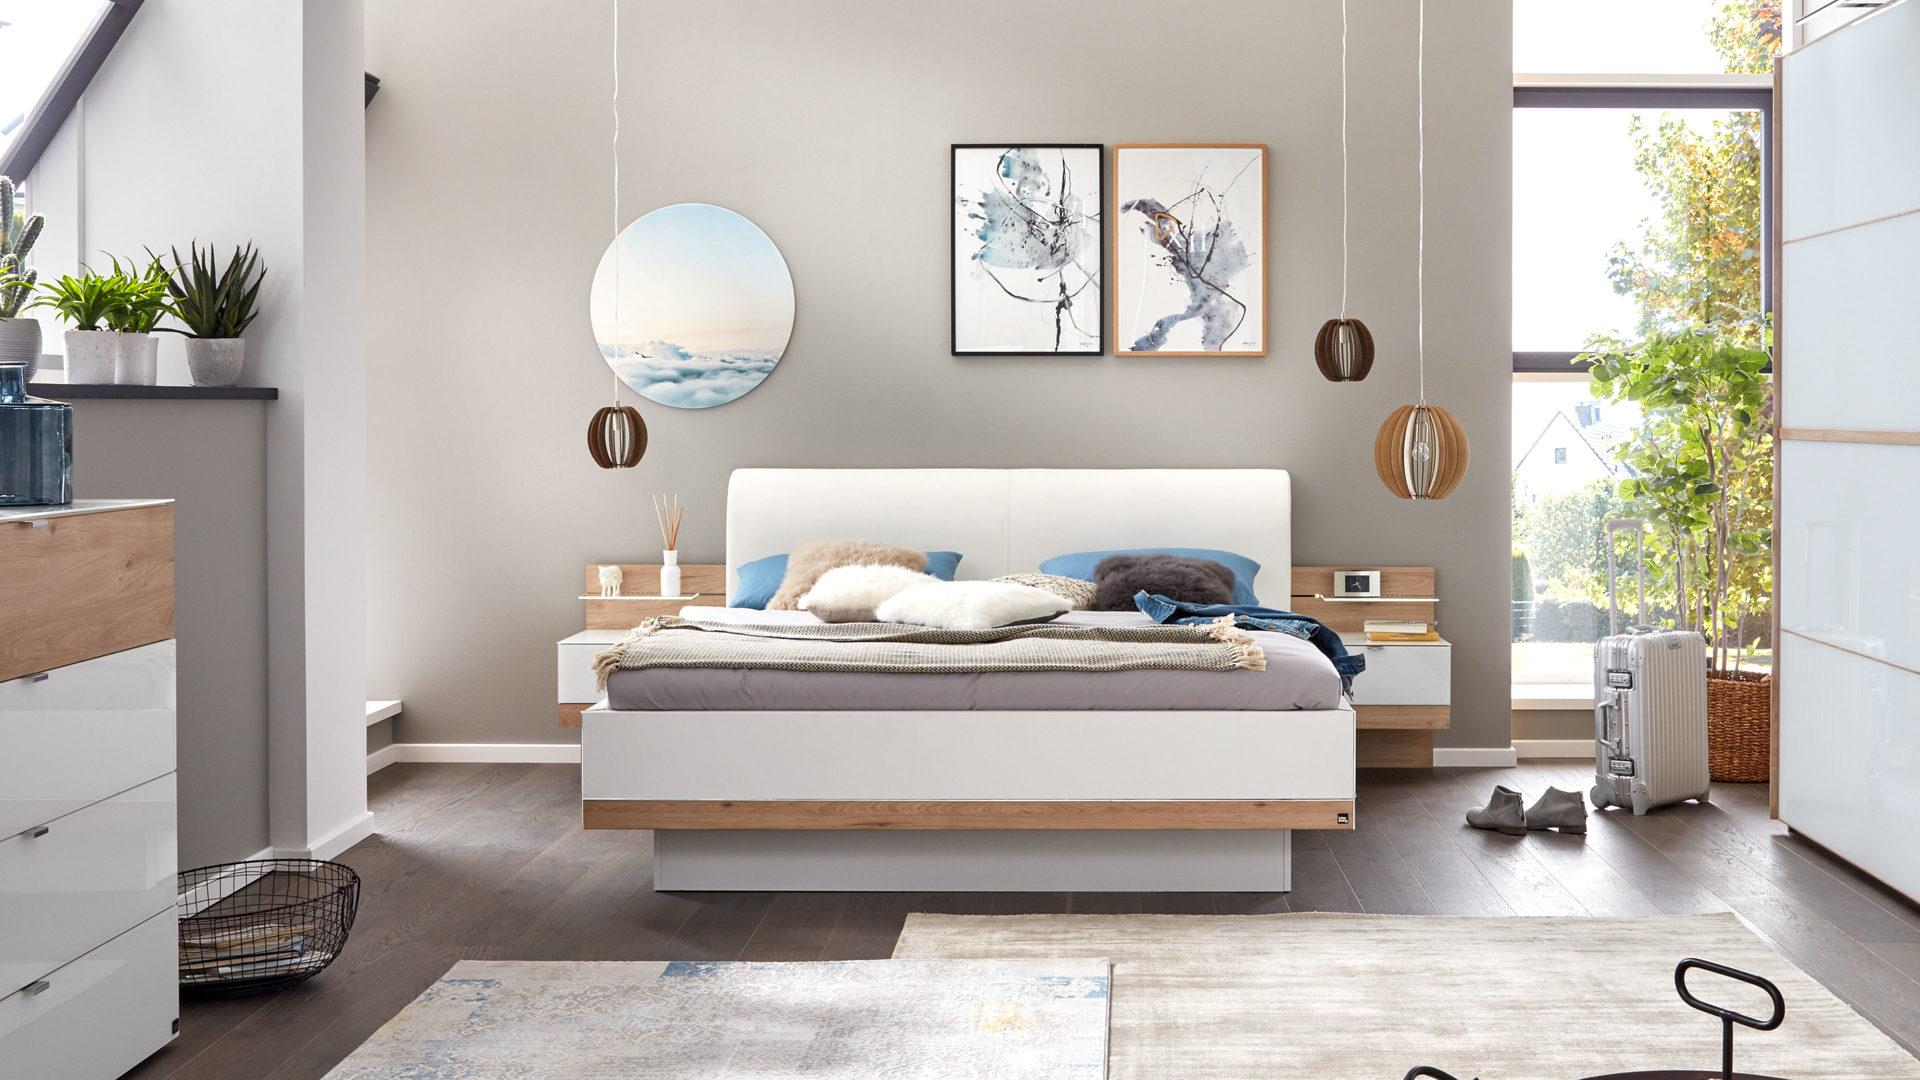 Interliving Schlafzimmer Serie 1010 – Doppelbettgestell mit Nachtkonsolen,  polarweiße & Jackson eichefarbene Kunststoffoberfl